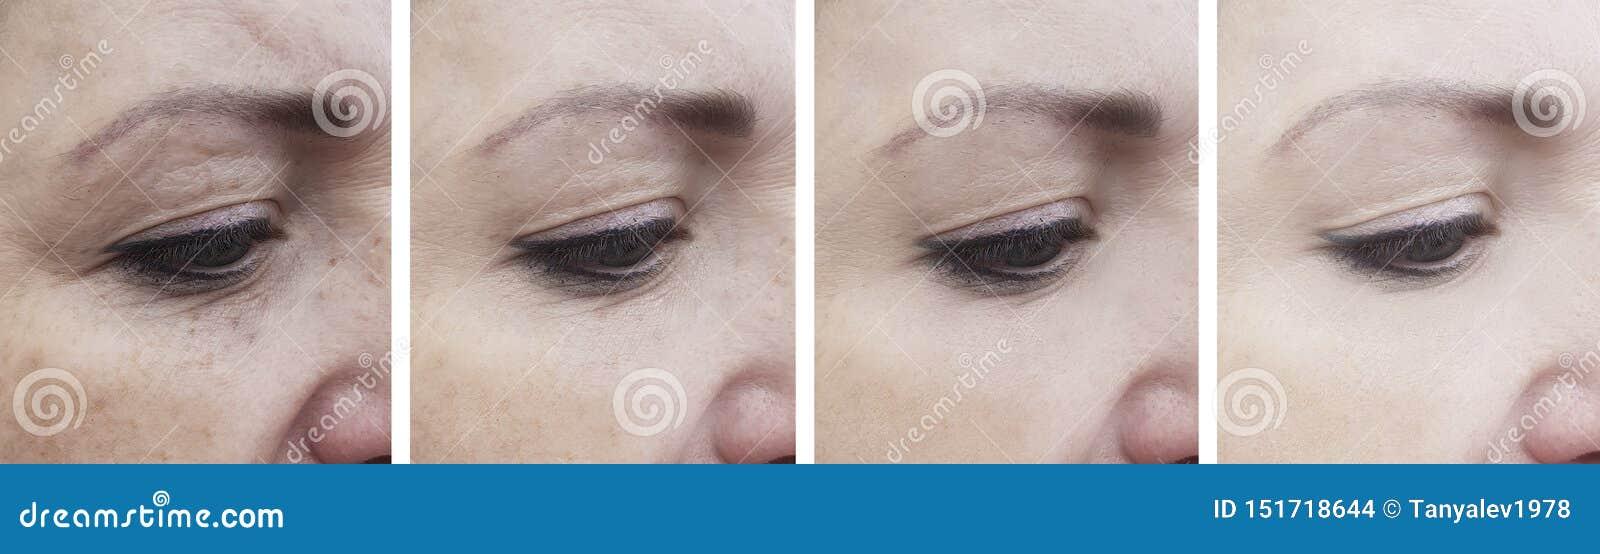 Grinze della donna prima di rimozione di effetto dopo la correzione di sollevamento di correzione matura di trattamento